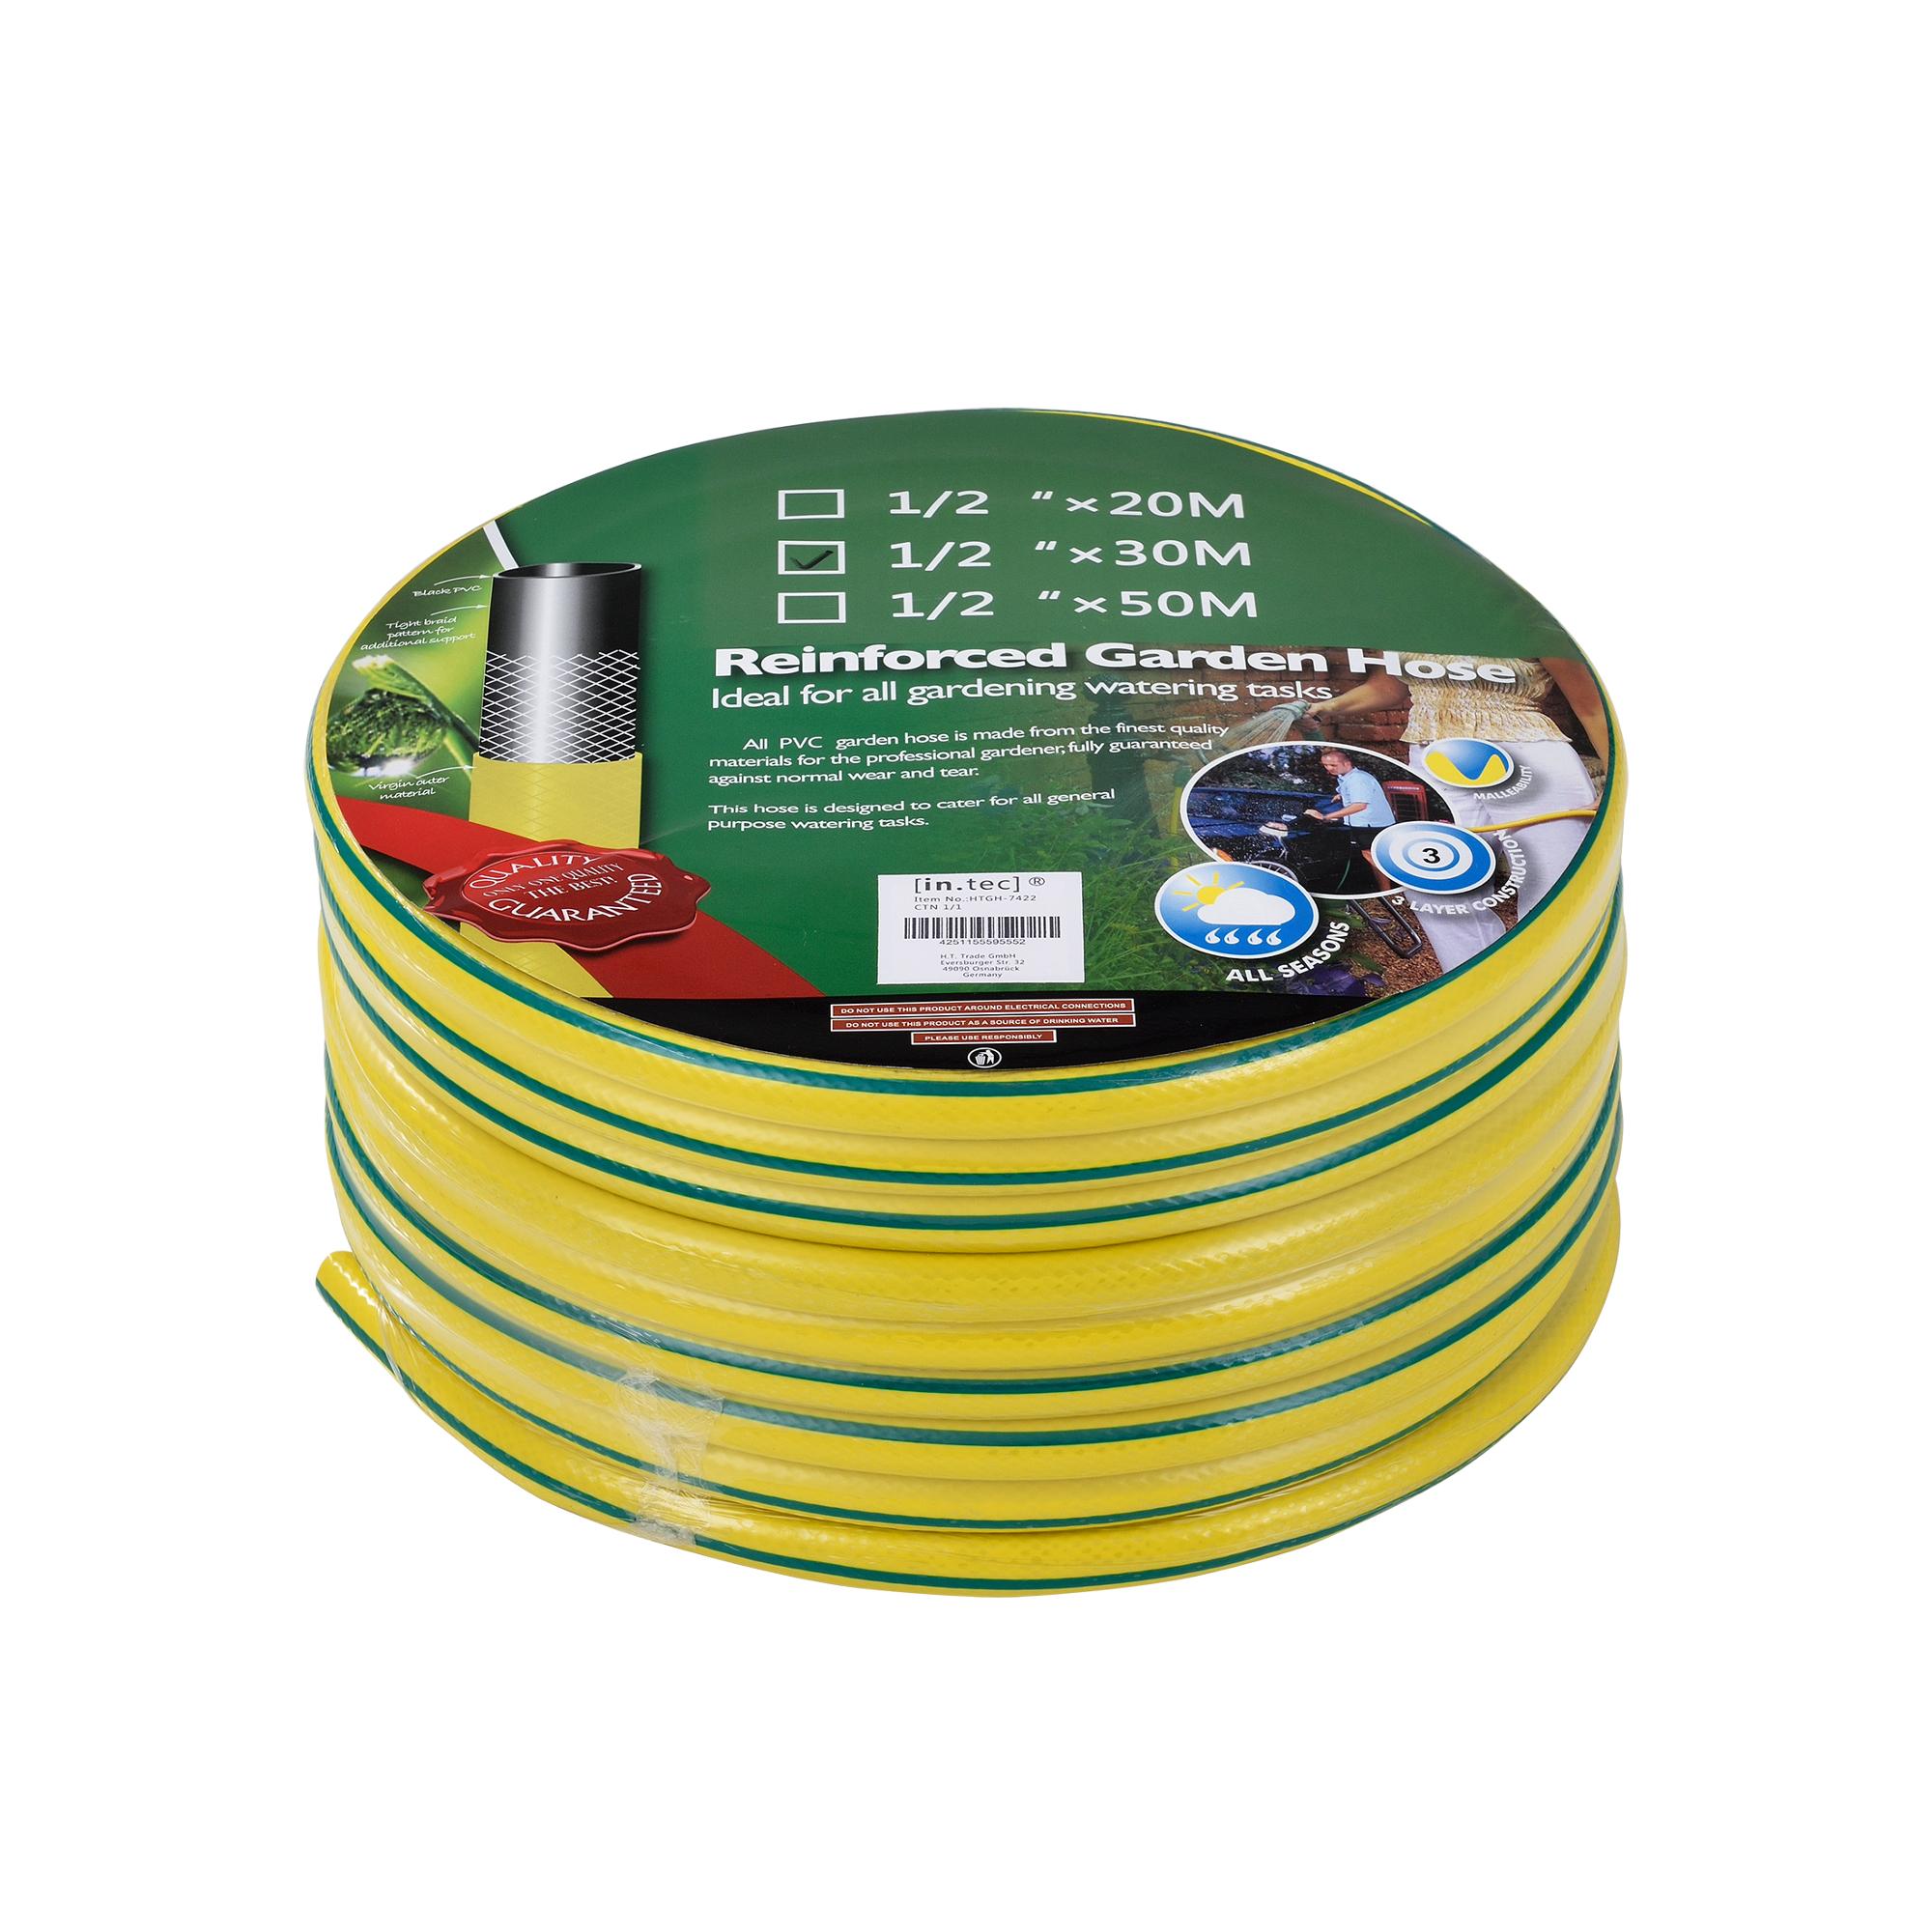 [in.tec]® Zahradní hadice / kropicí hadice,žlutá zelený proužek,30 m,1/2